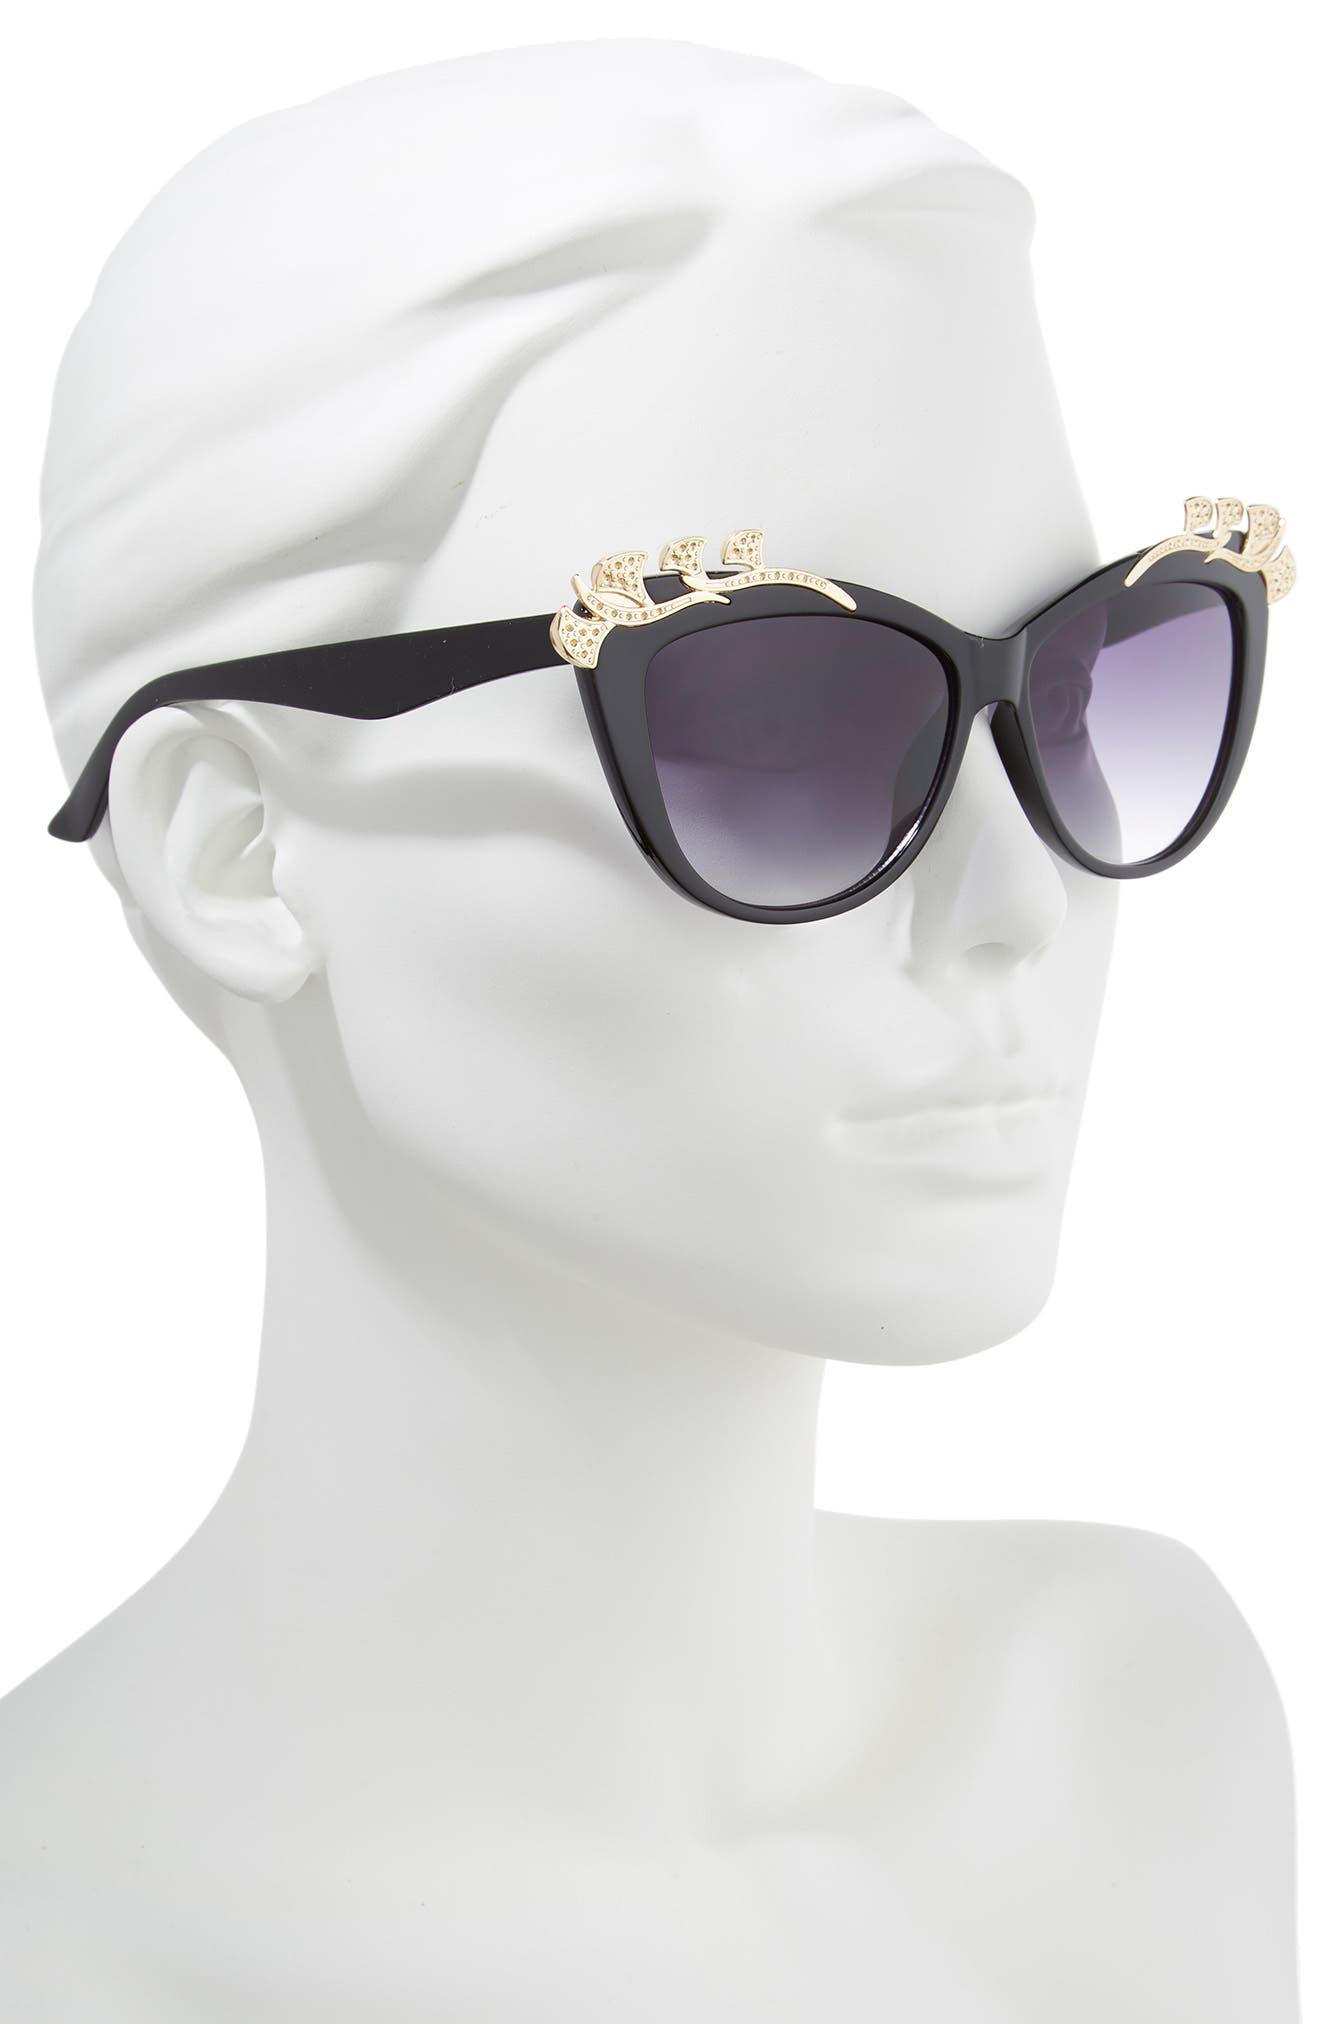 57mm Embellished Sunglasses,                             Alternate thumbnail 2, color,                             Black/ Gold